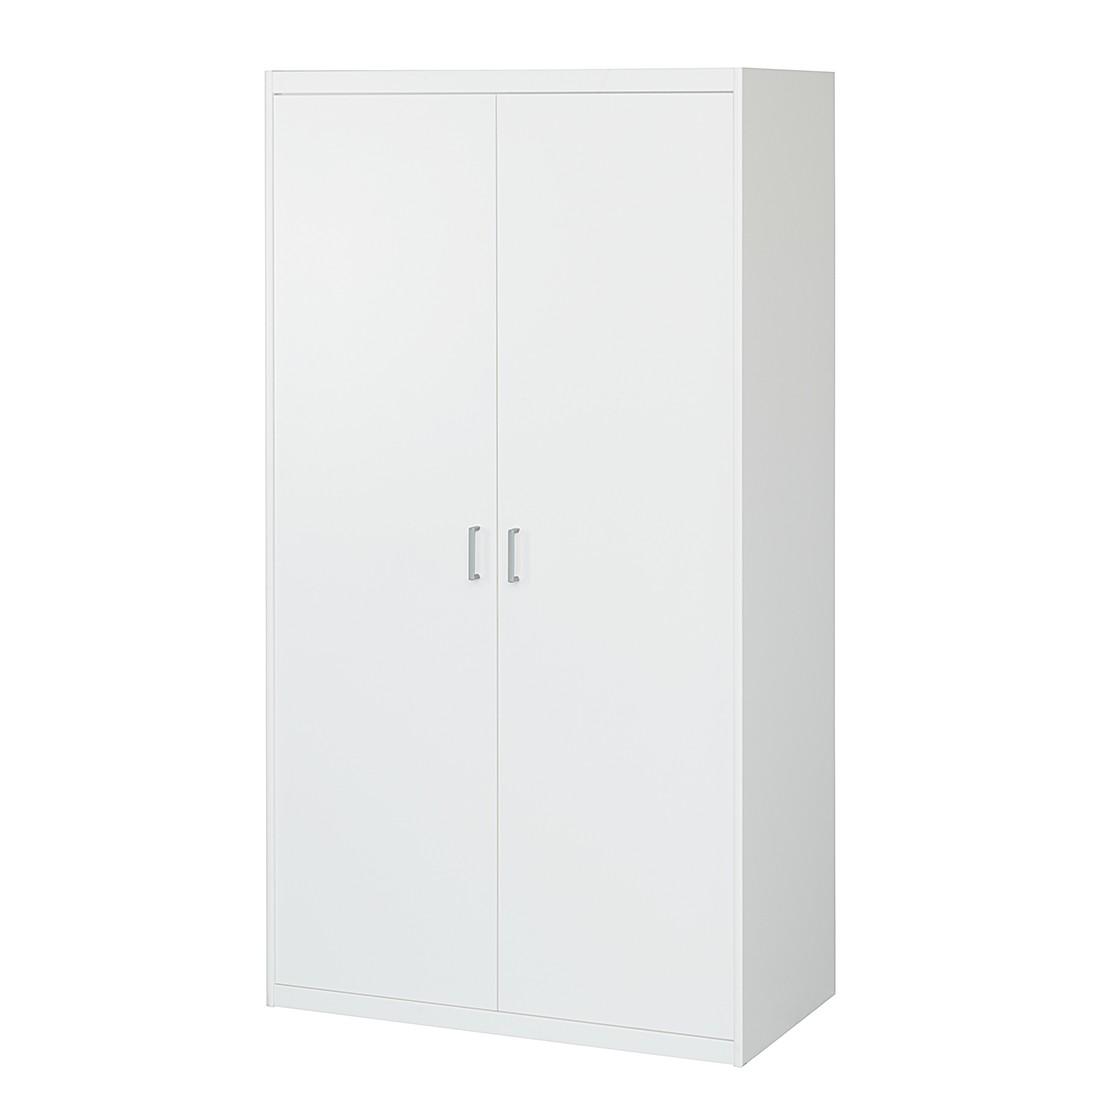 Armoire à portes battantes Soft Plus II - Blanc crème, Cs Schmal